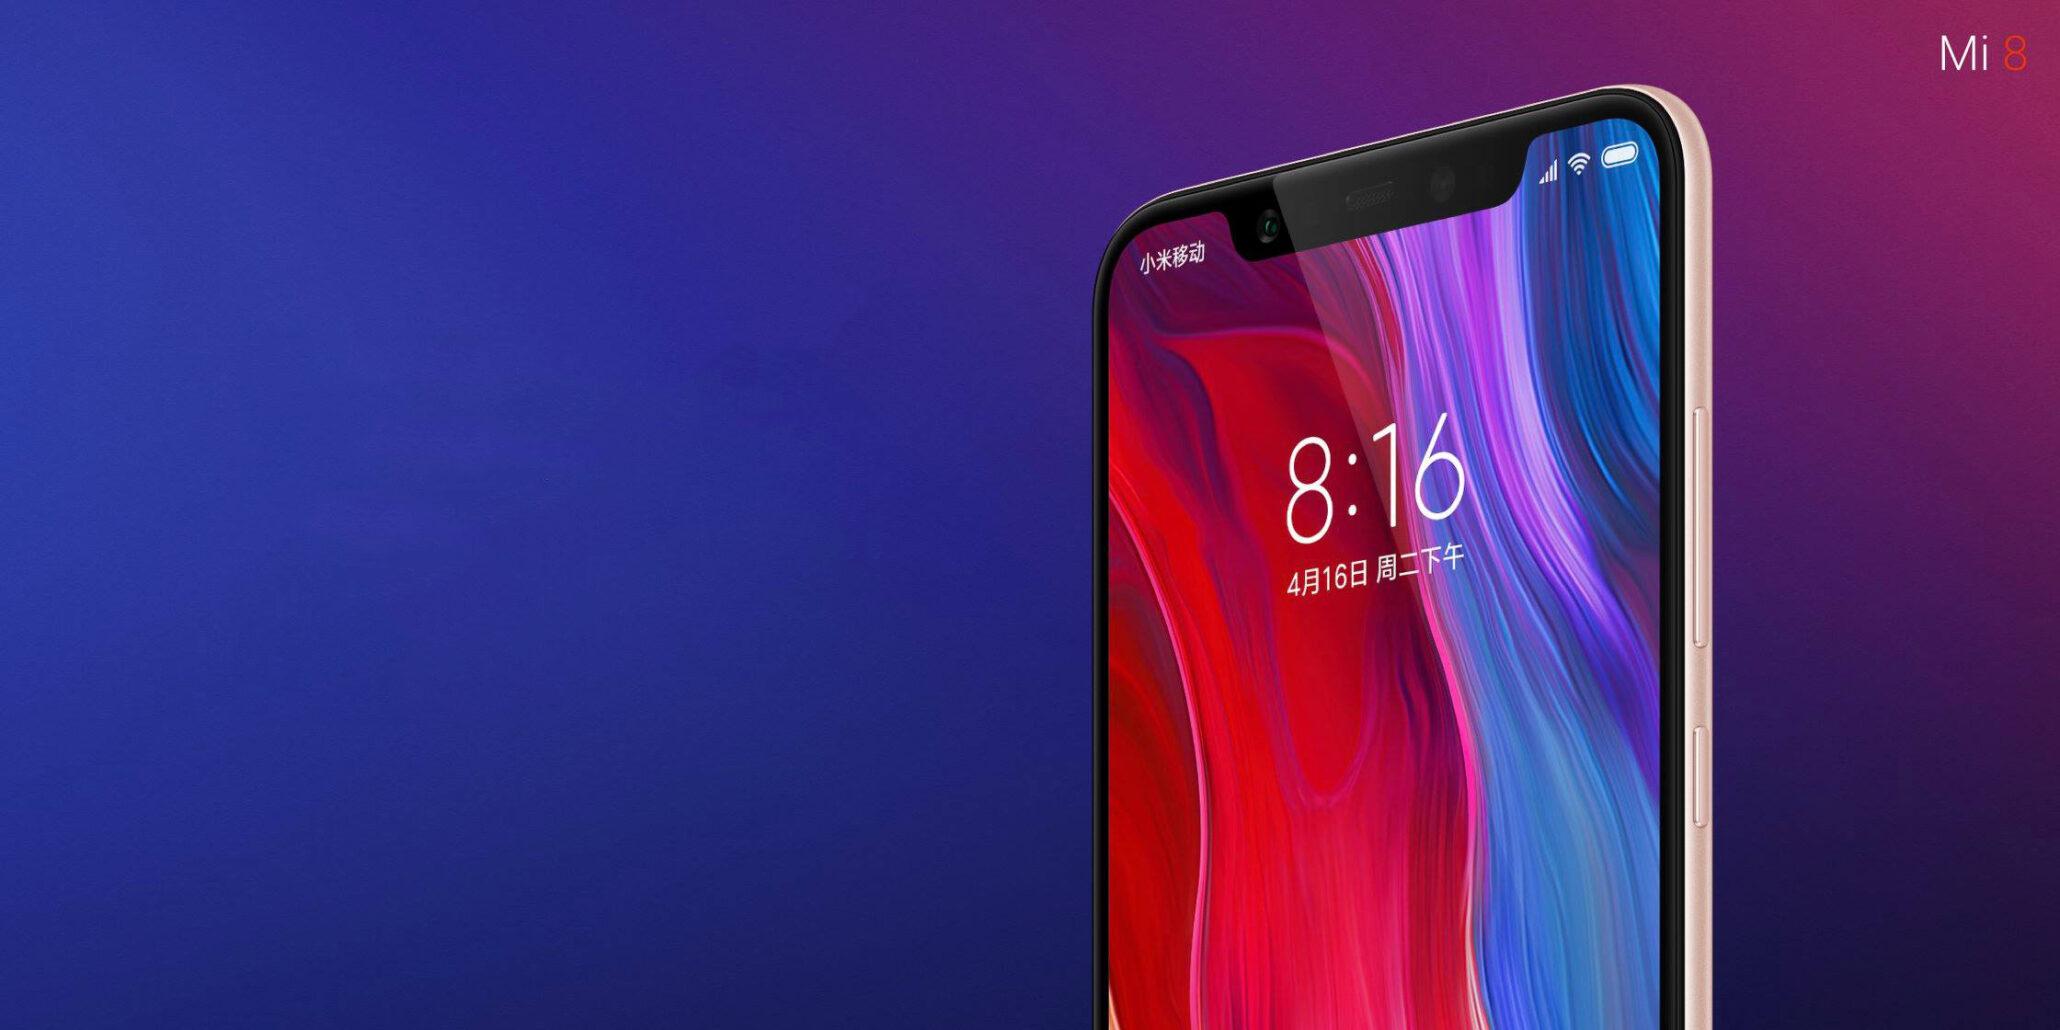 Xiaomi Mi 8 Unboxing A Closer Look At The Flagship Its